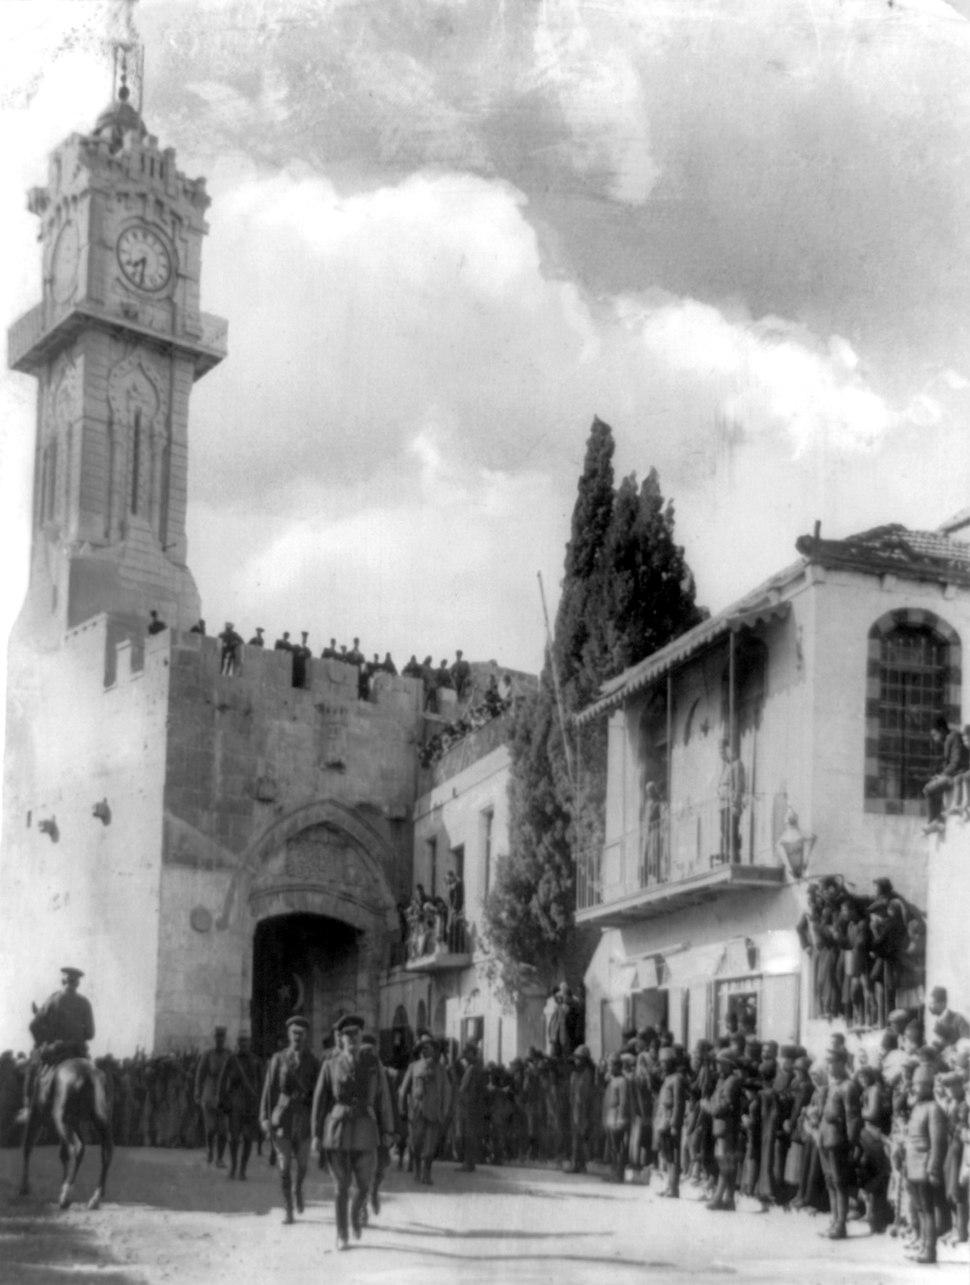 Allenby enters Jerusalem 1917